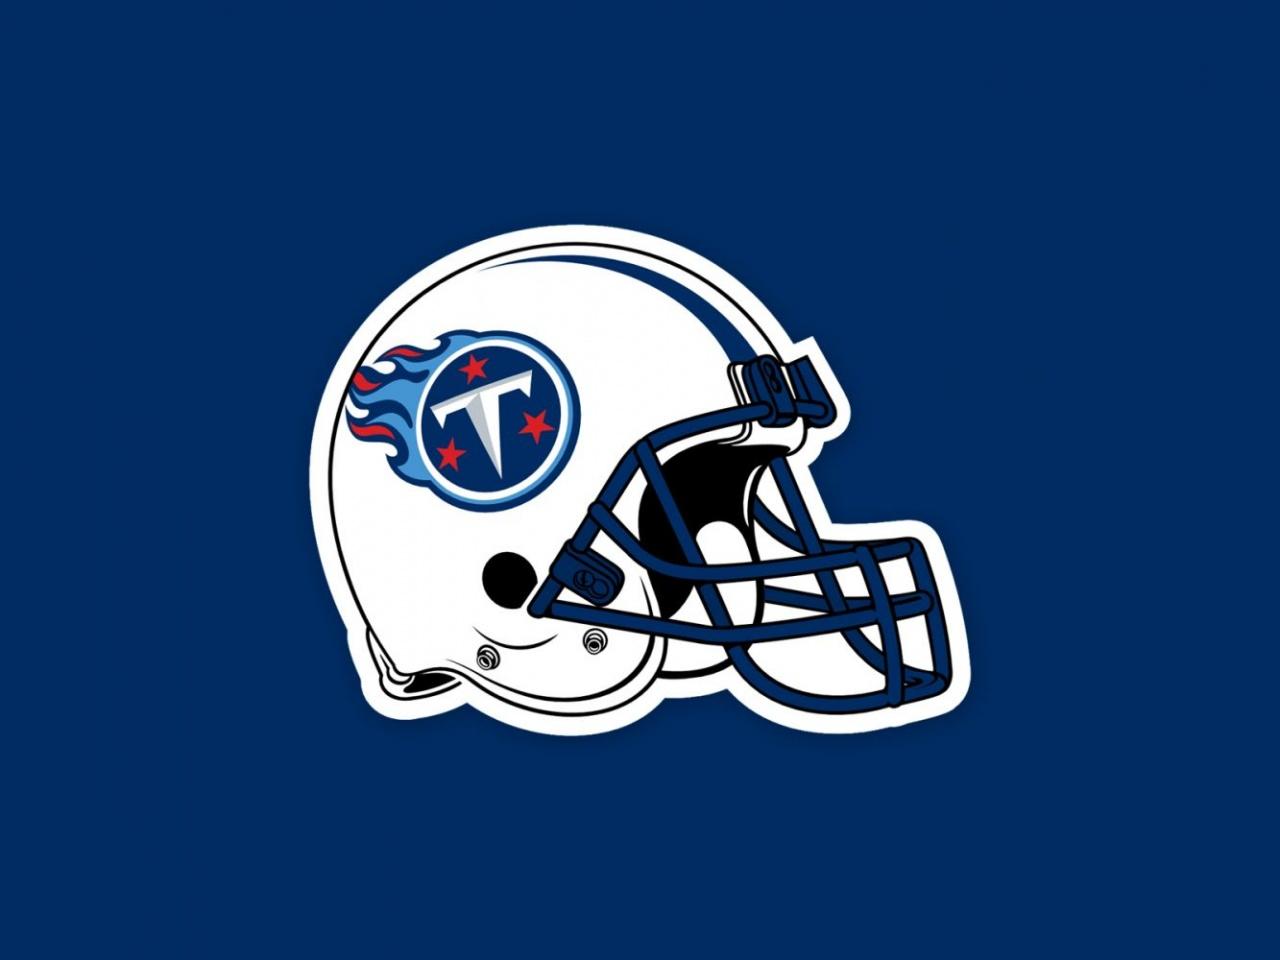 Tennessee Titans được thể hiện bằng một chữ cái ngắn gọn T